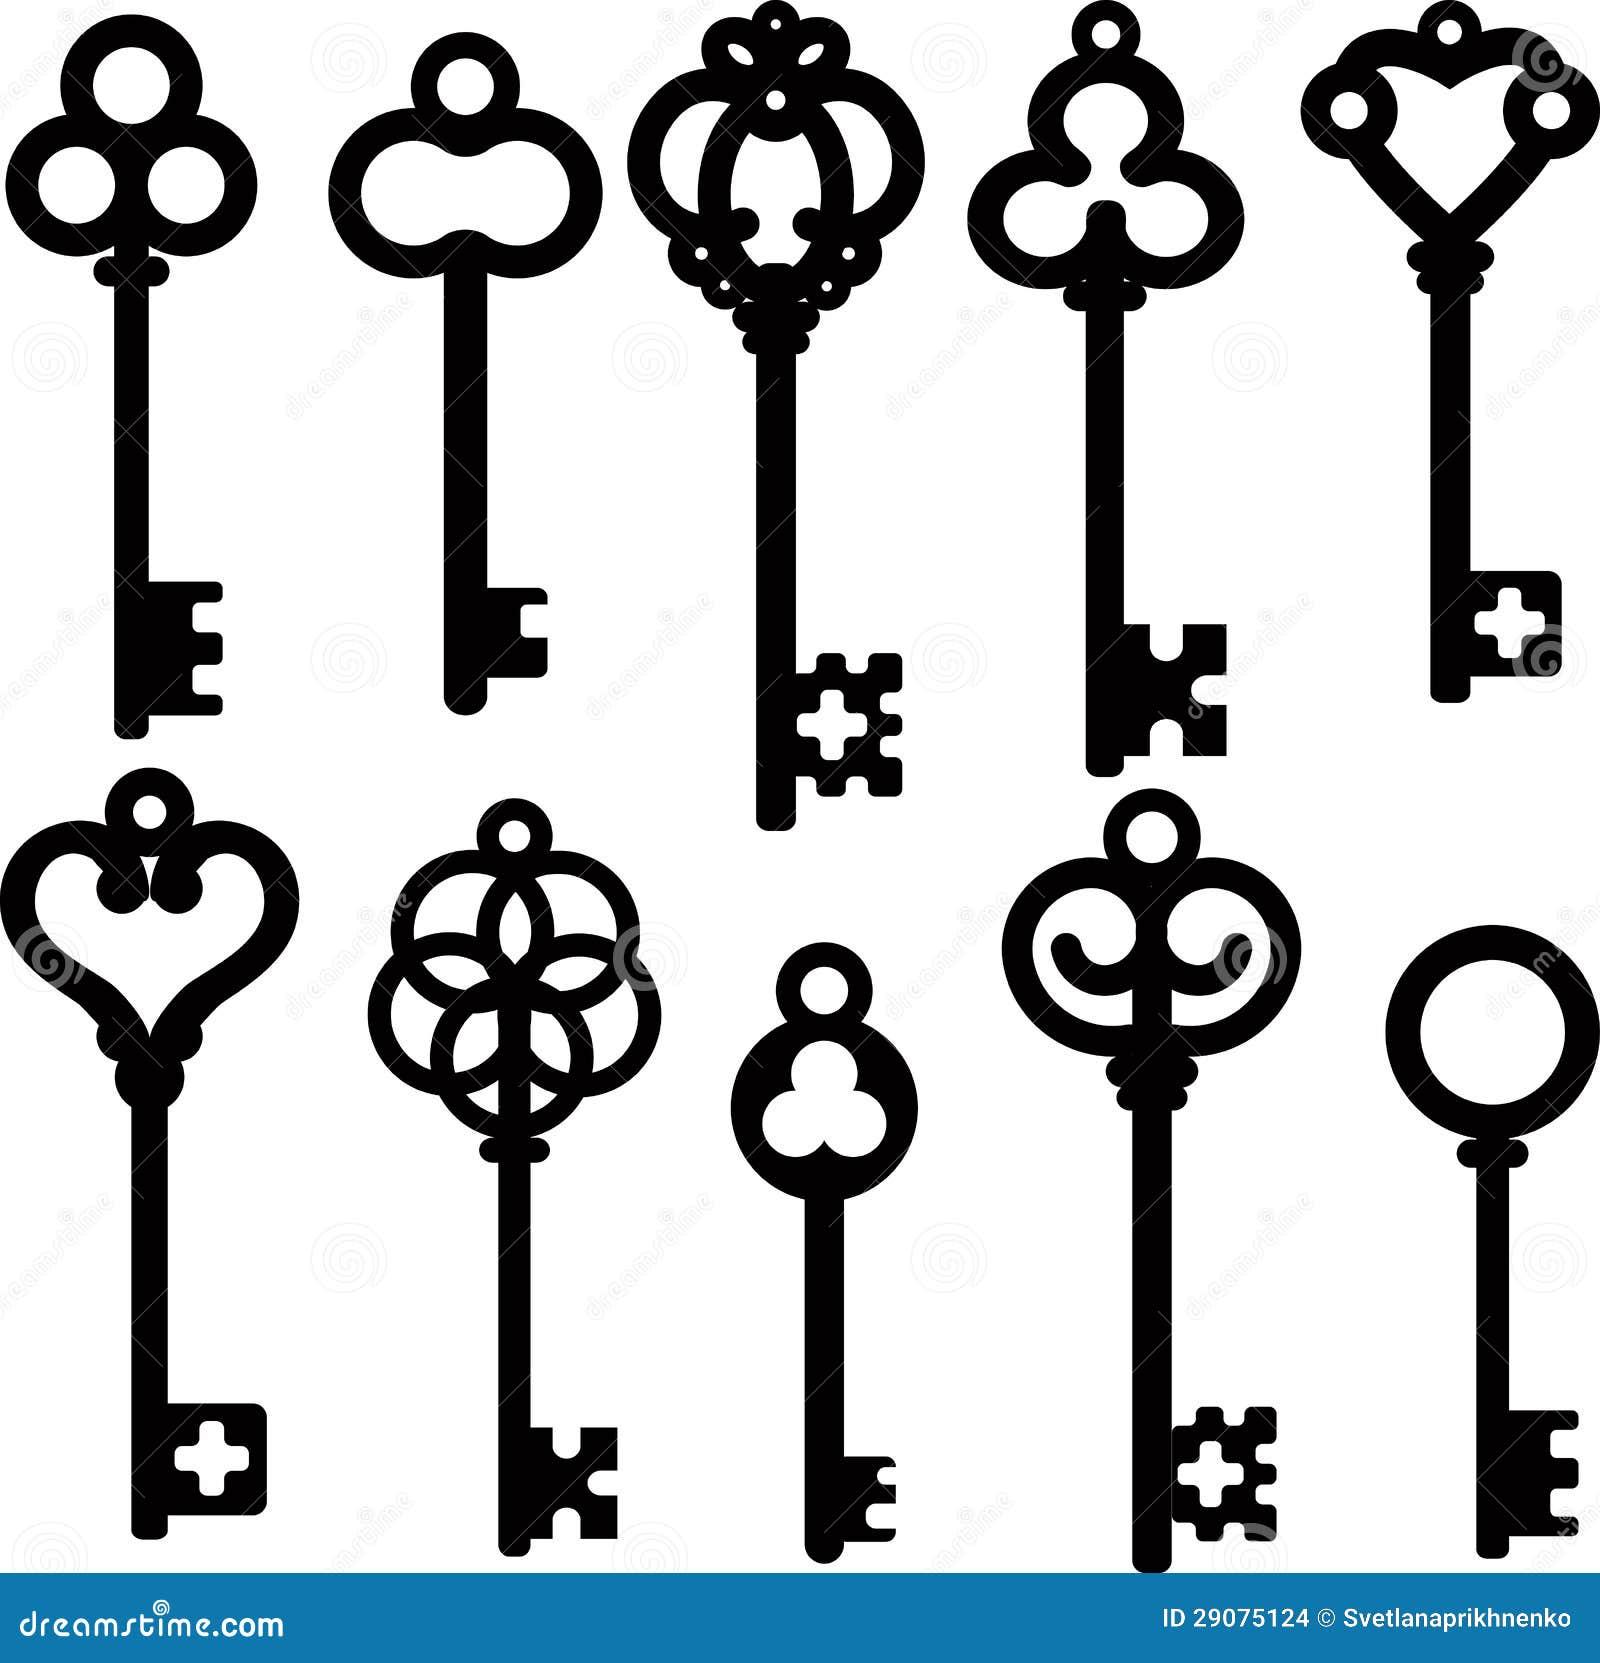 Antique Key Clip Art Antique skeleton keys